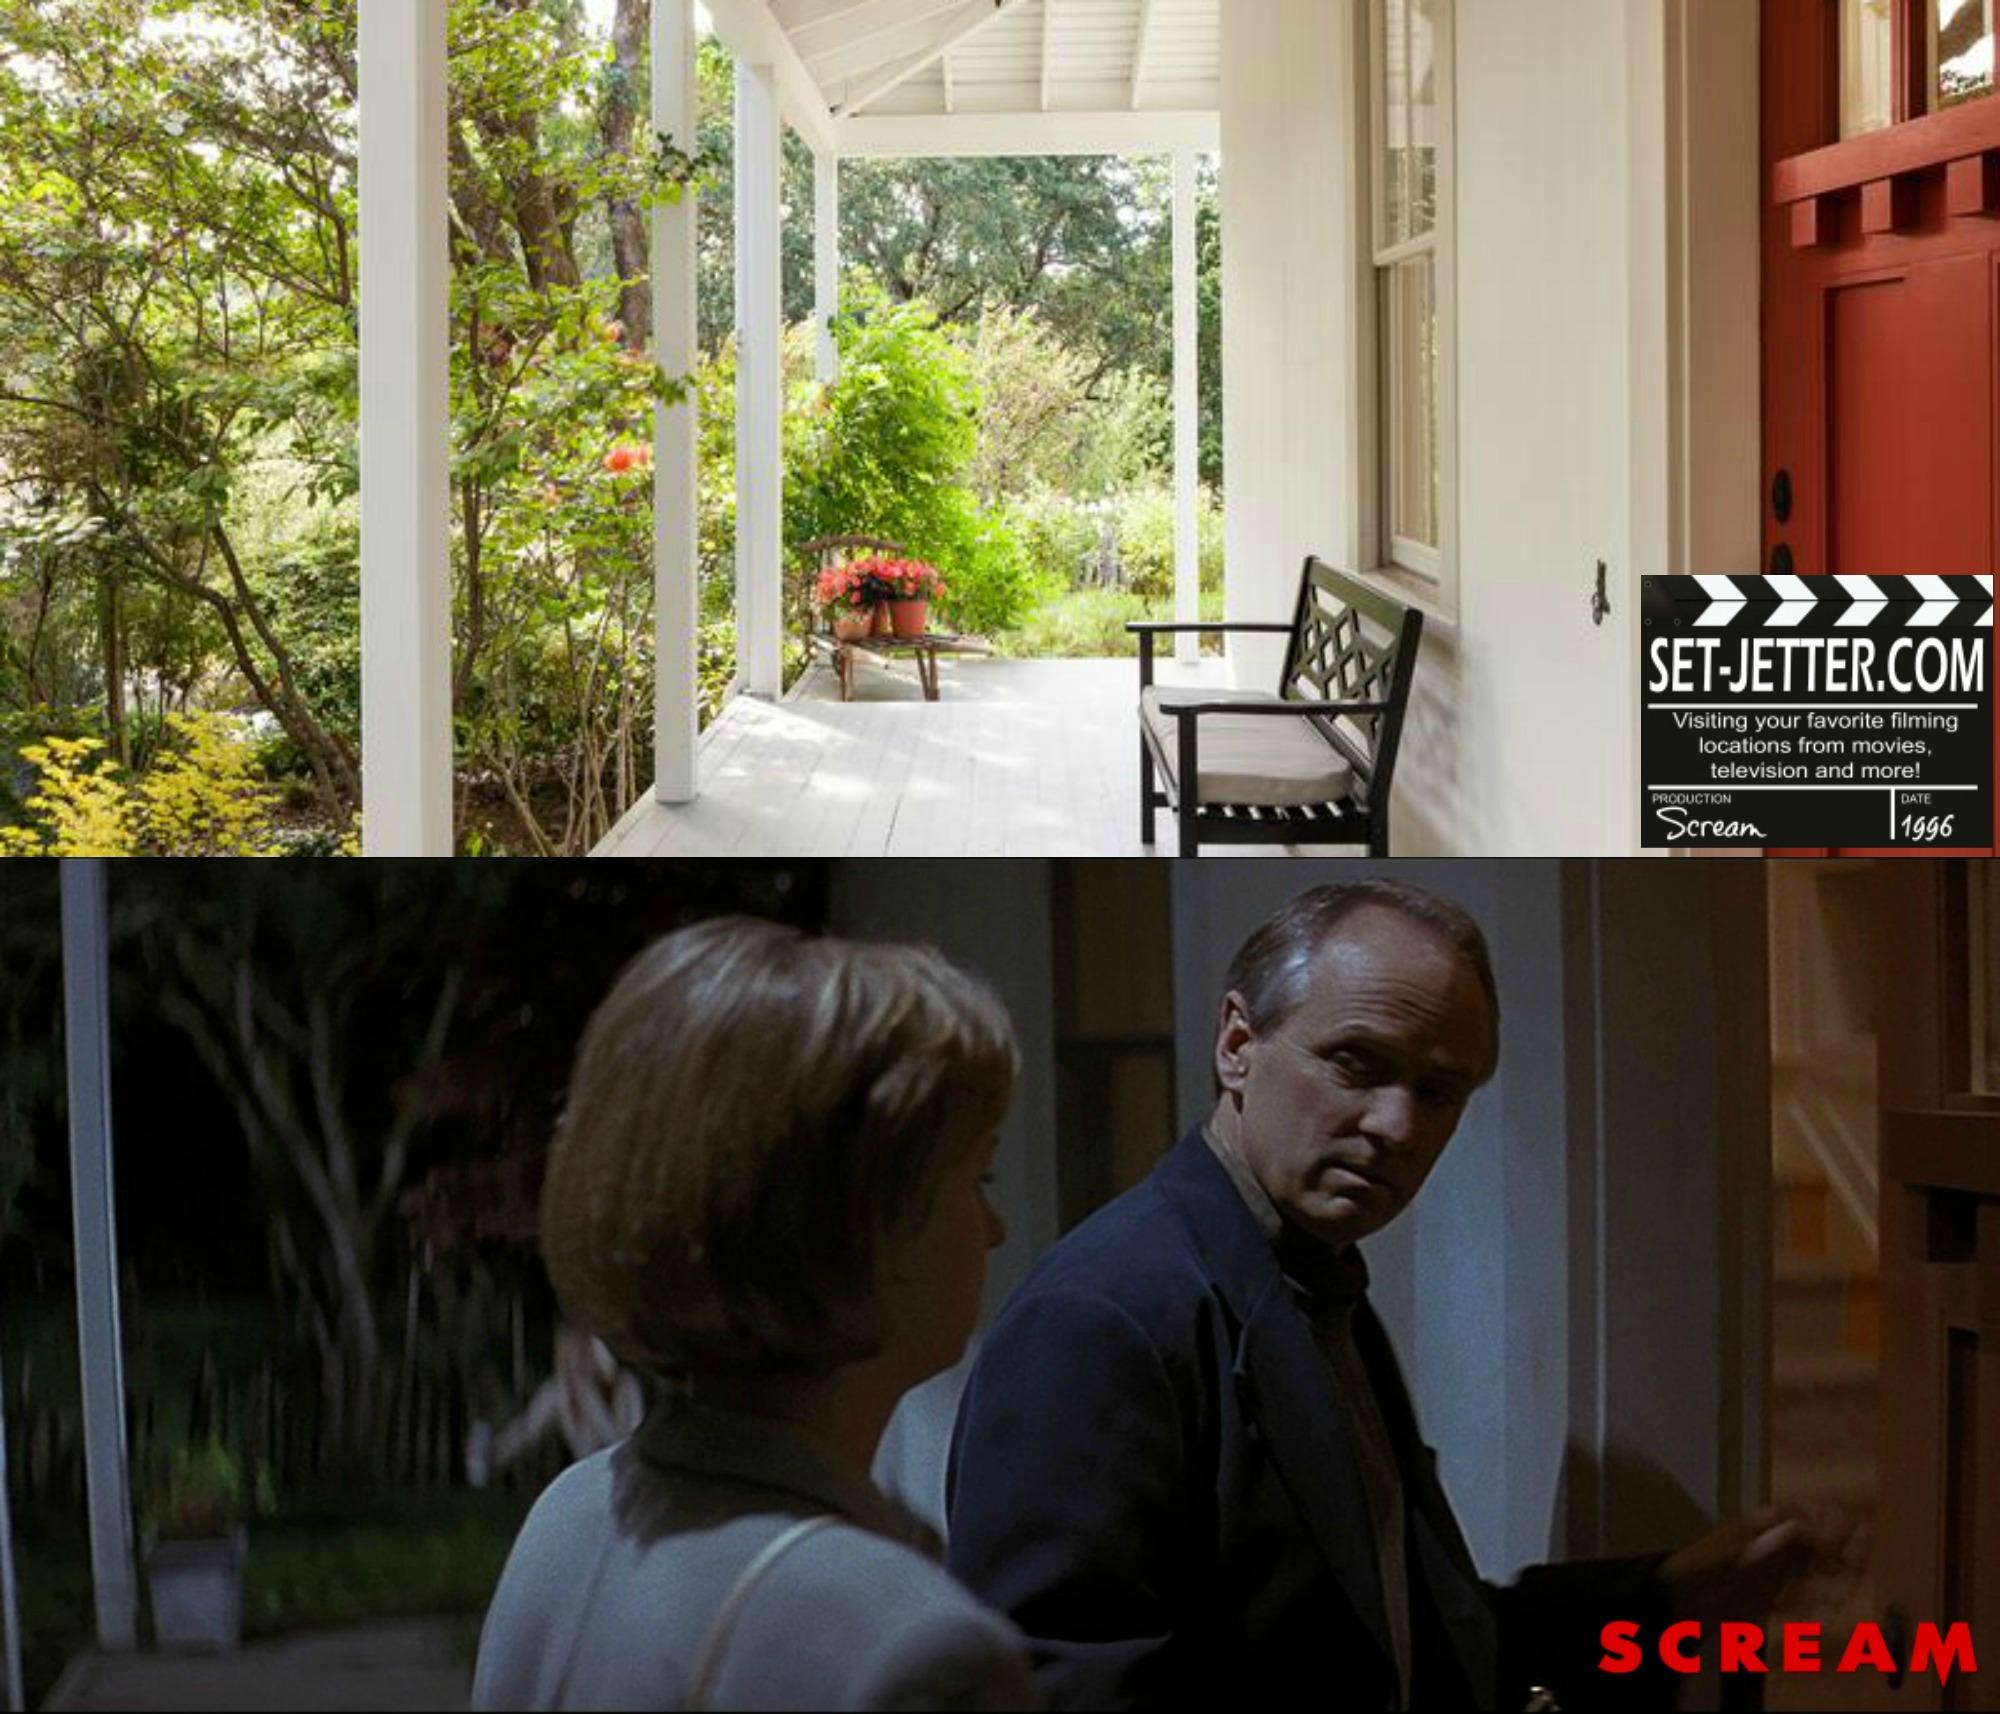 Scream Casey comparison 19.jpg